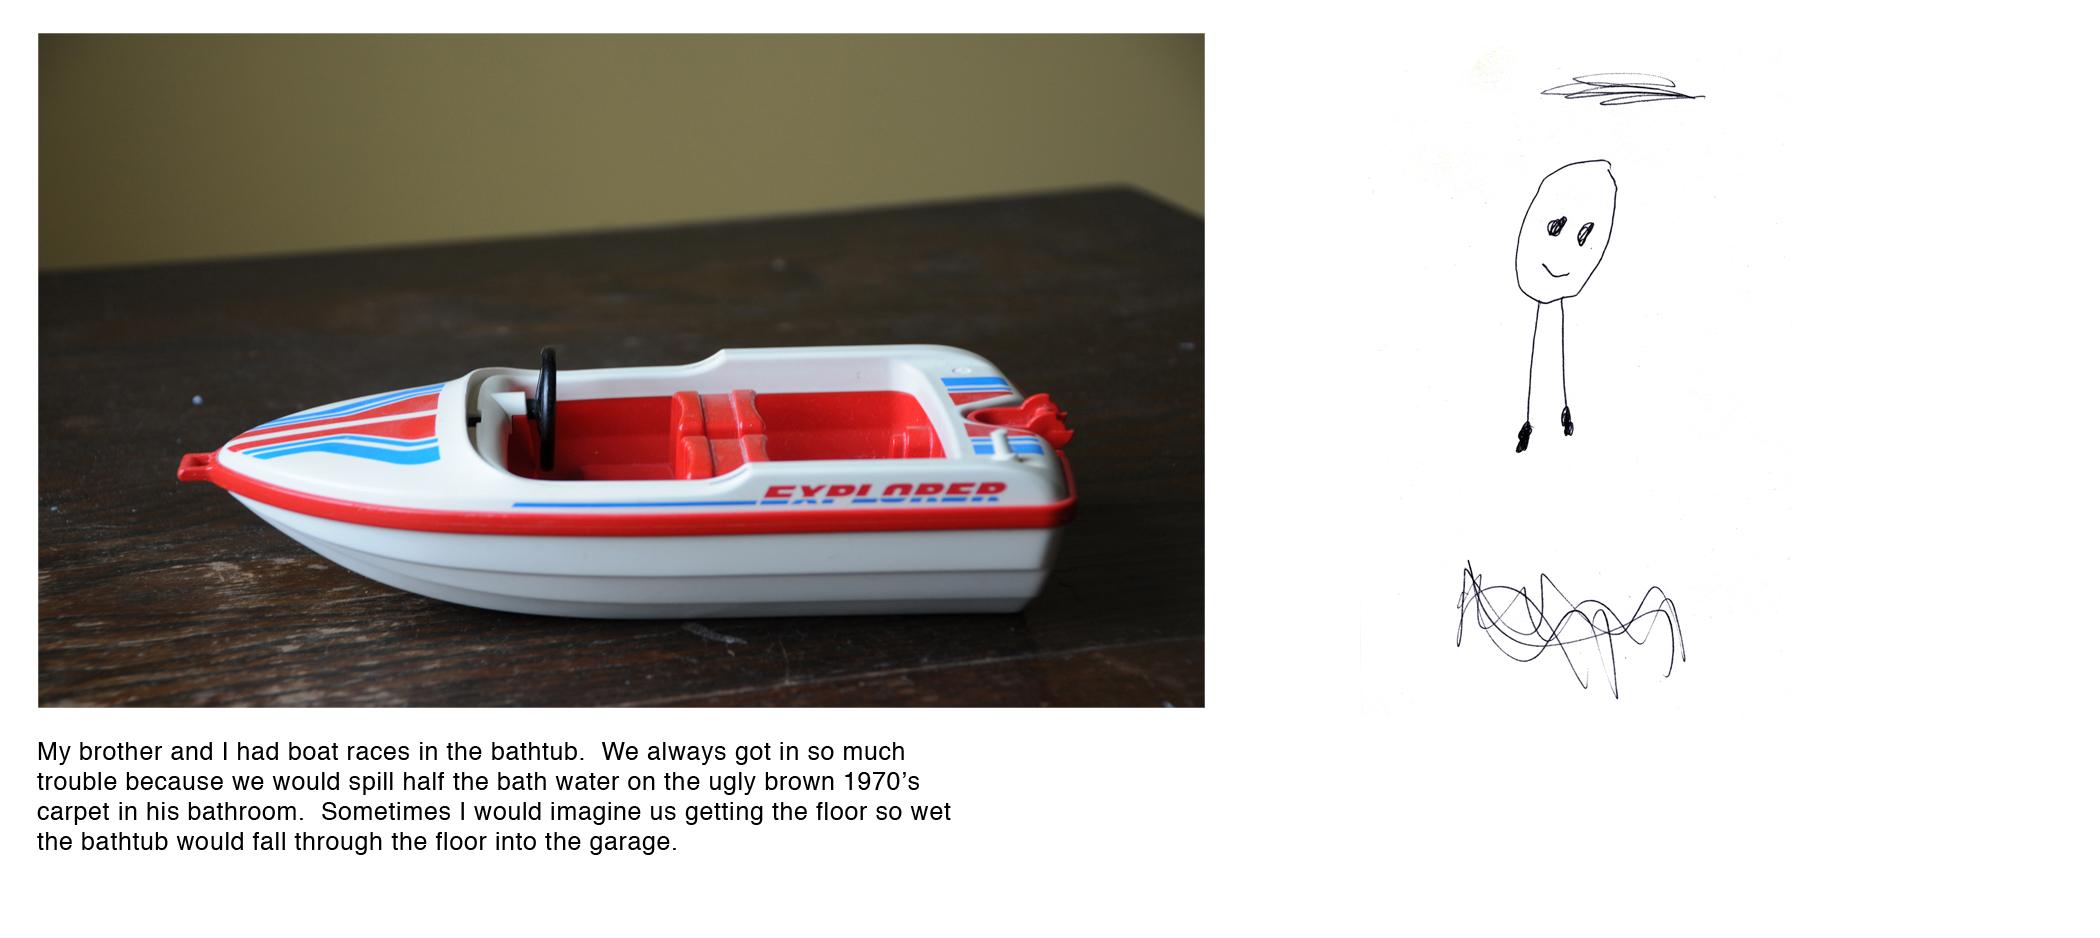 redboat.jpg